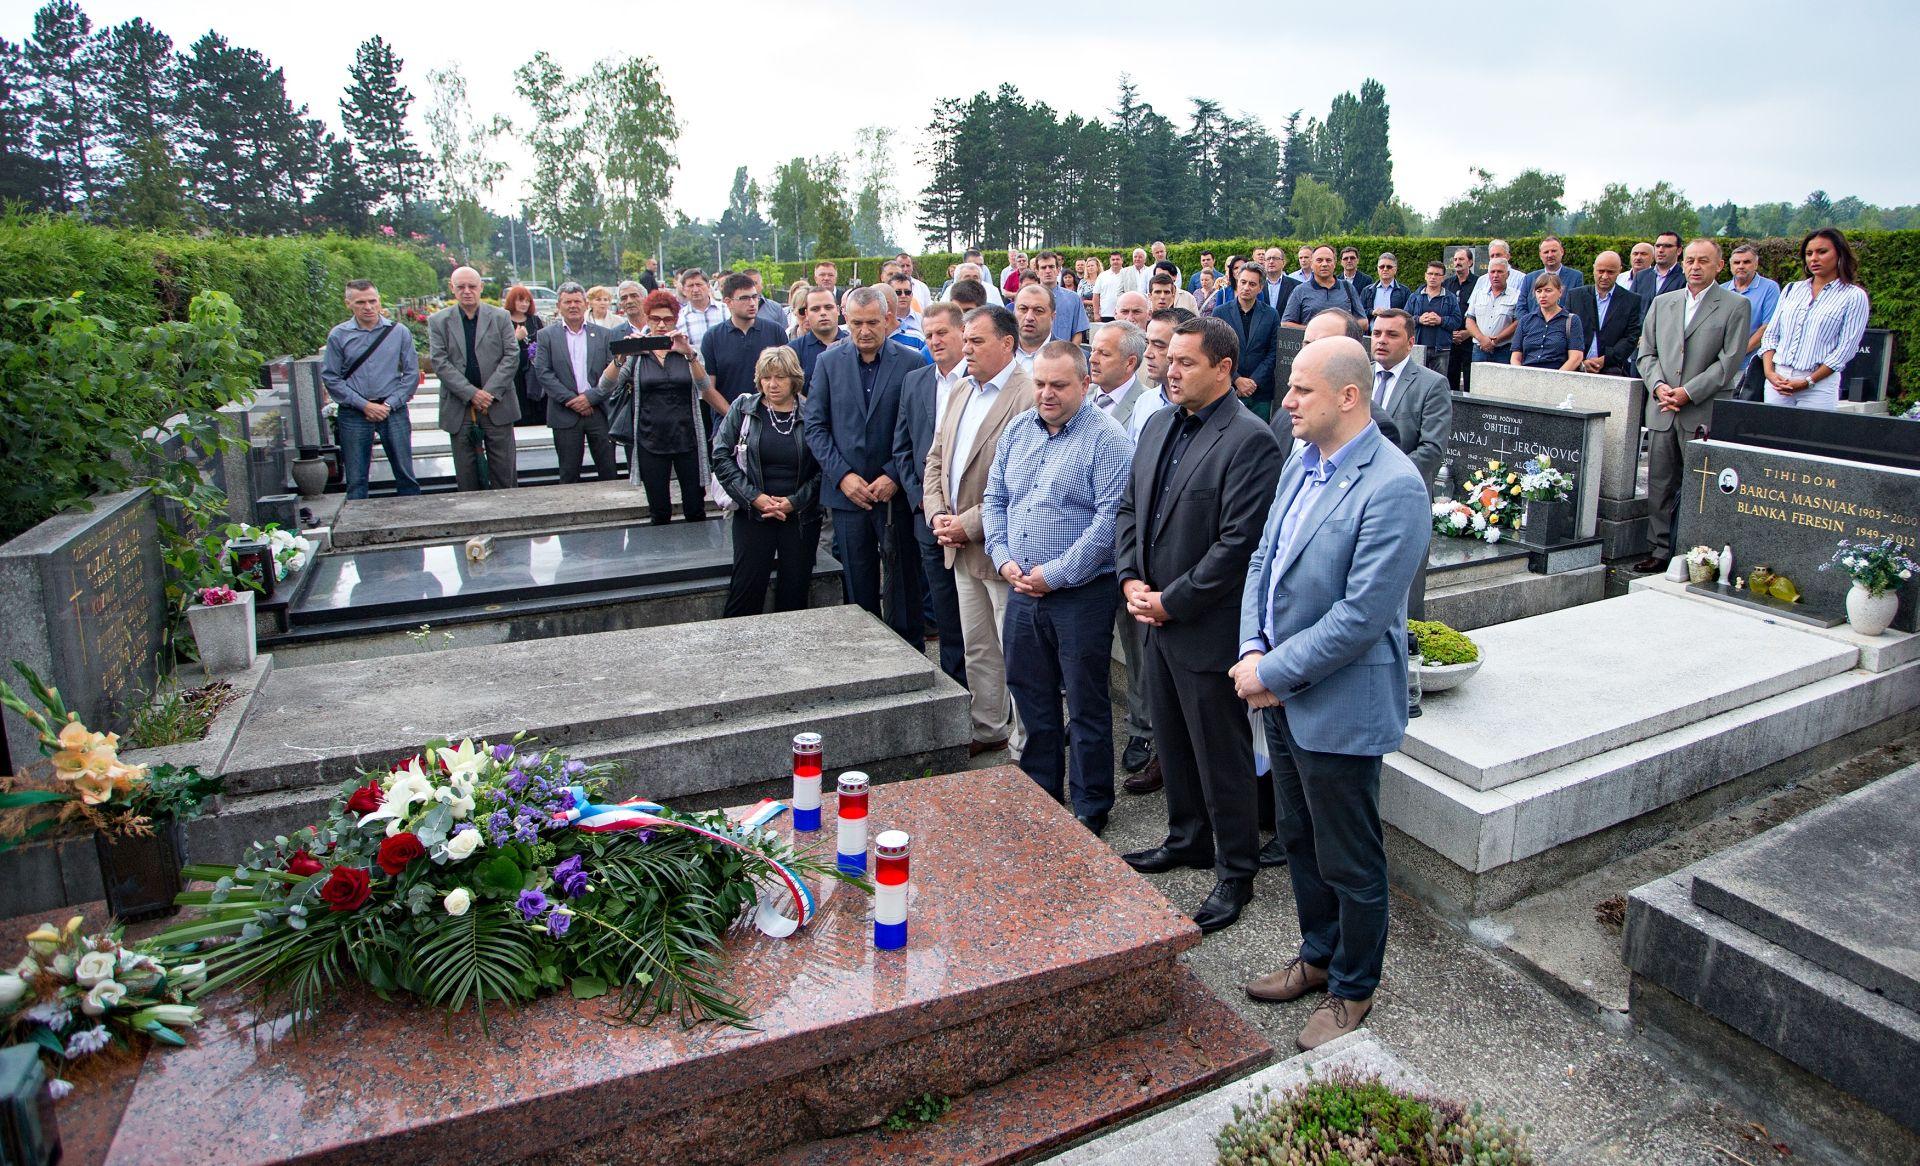 FOTO: Zagrebački HDZ položio vijence na grobove Stjepana Đurekovića i Brune Bušića